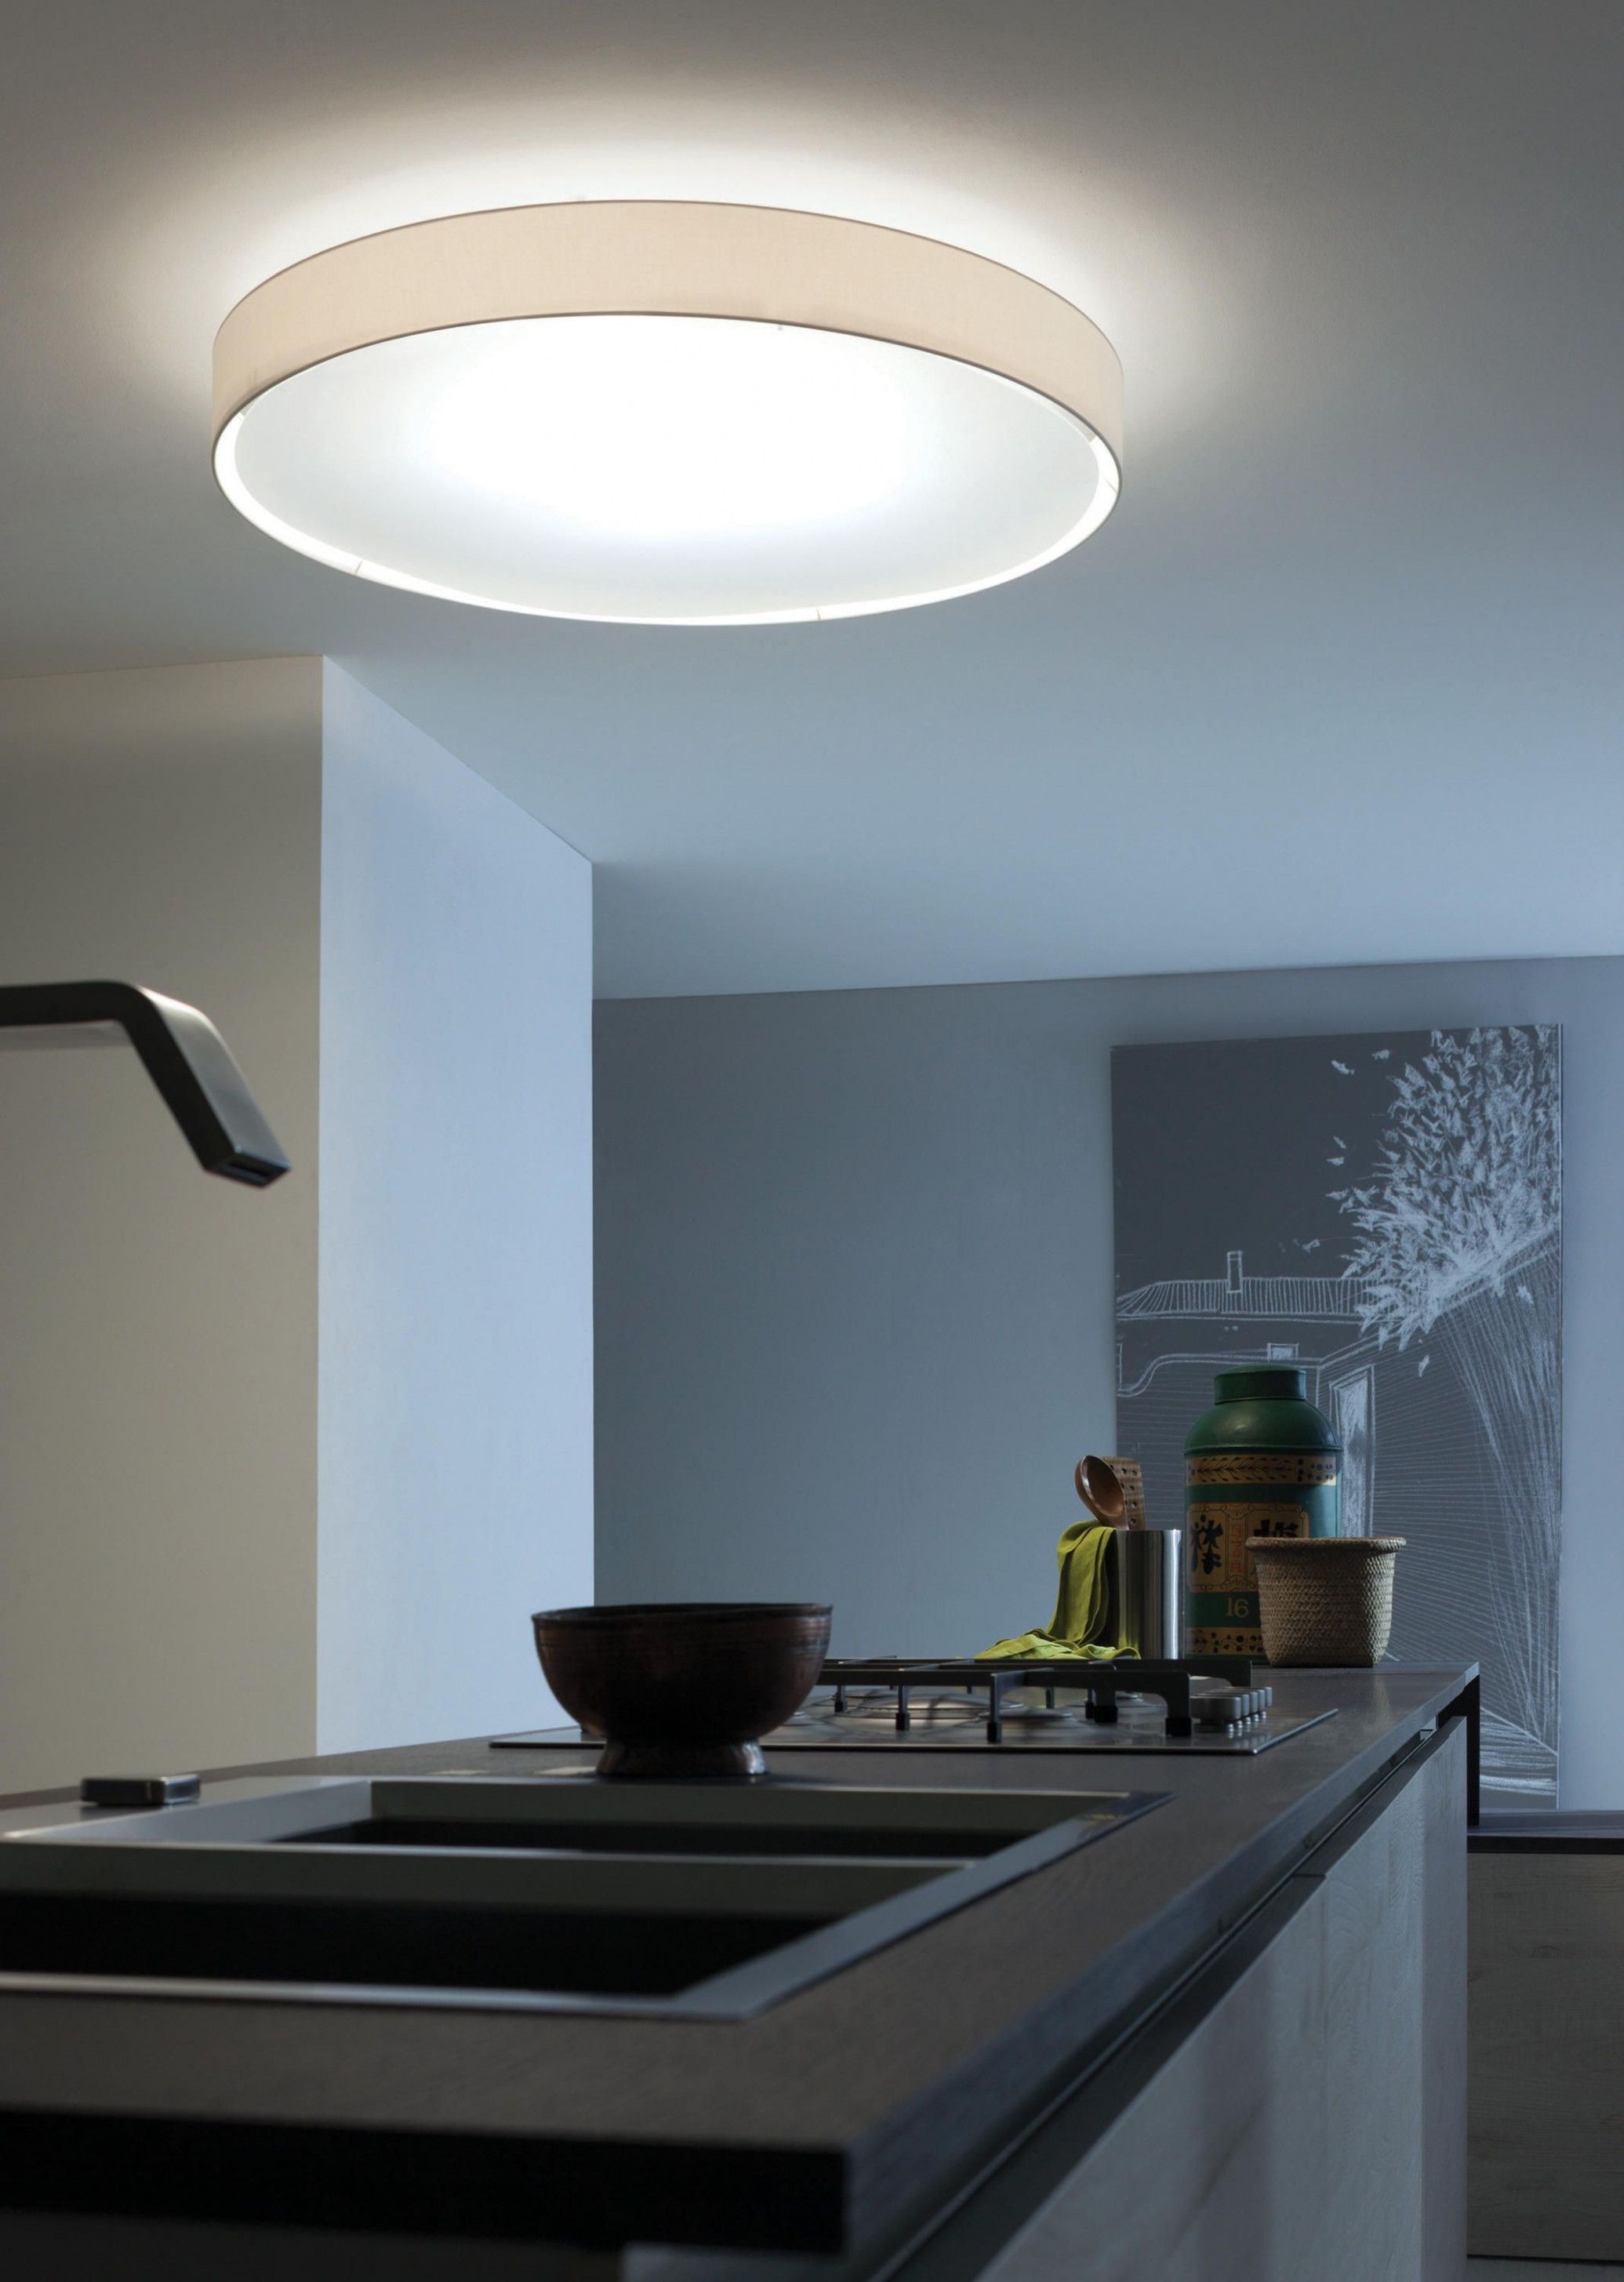 deckenleuchten wohnzimmer design | kitchen ceiling lights